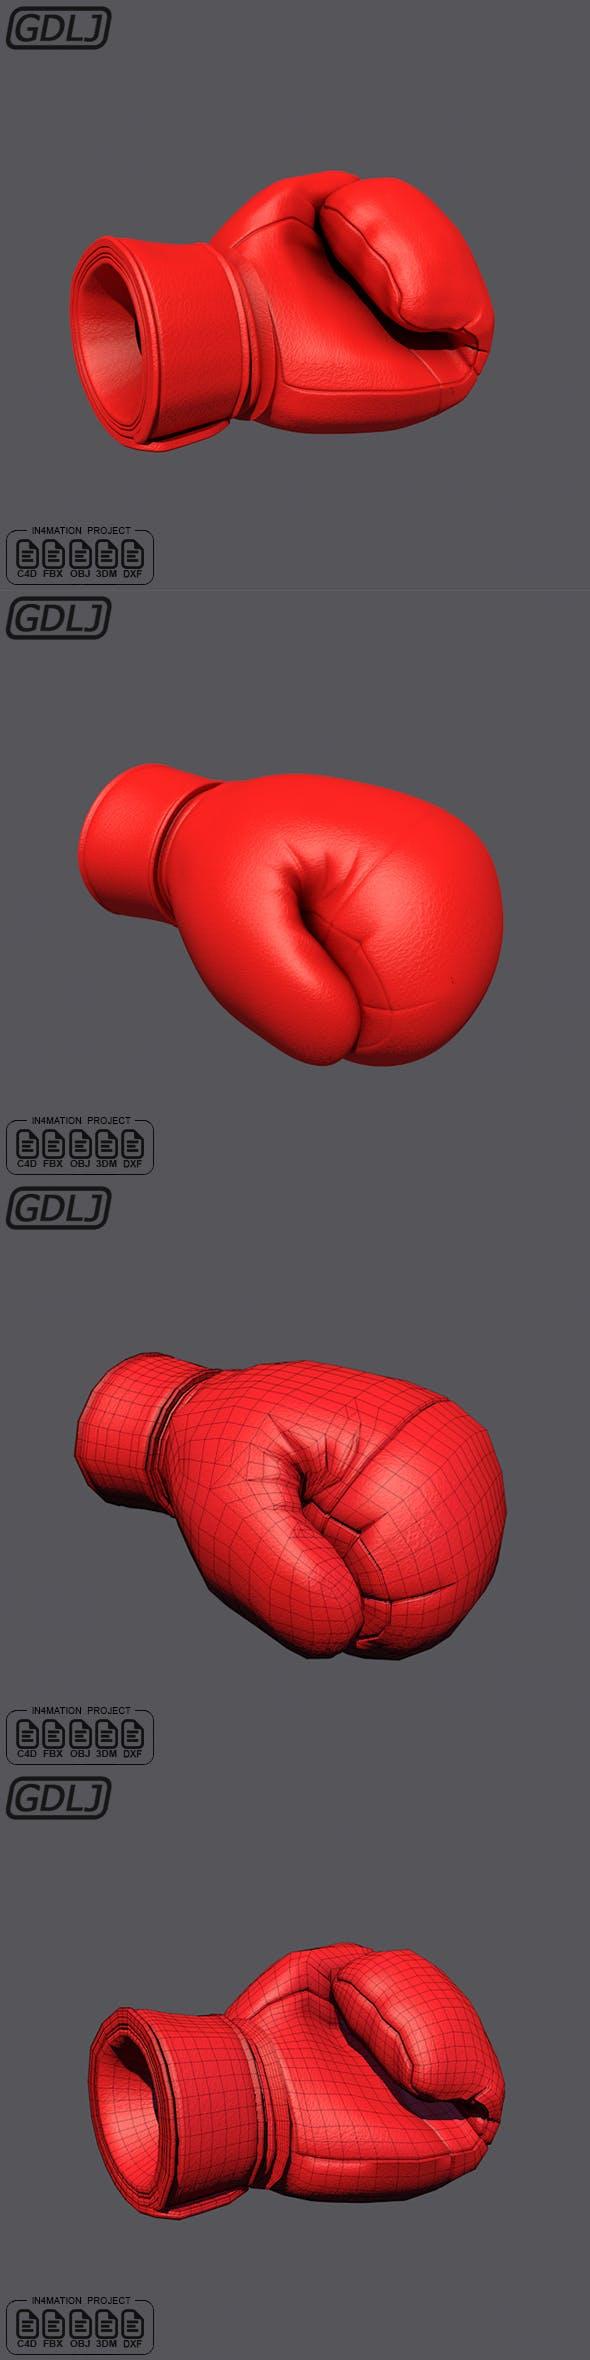 Black Boxing Glove 3D Models - 3DOcean Item for Sale